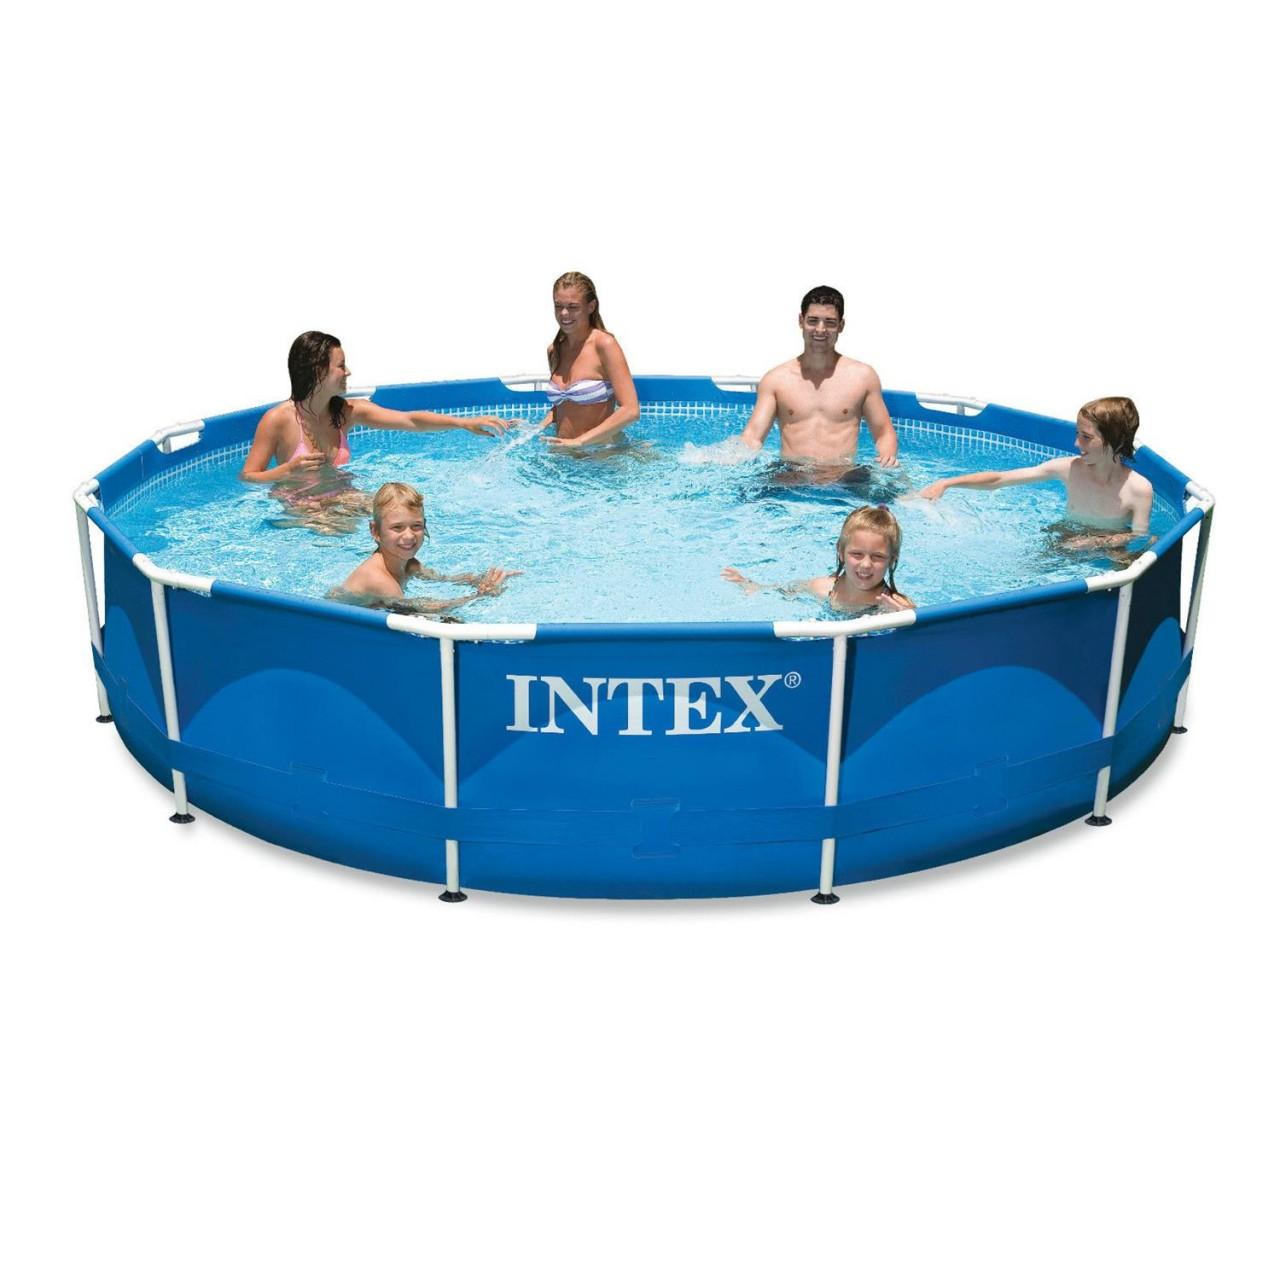 Intex 28212 Swimming Pool Frame 366x76 Stahlrohrbecken Schwimmbecken mit Pumpe